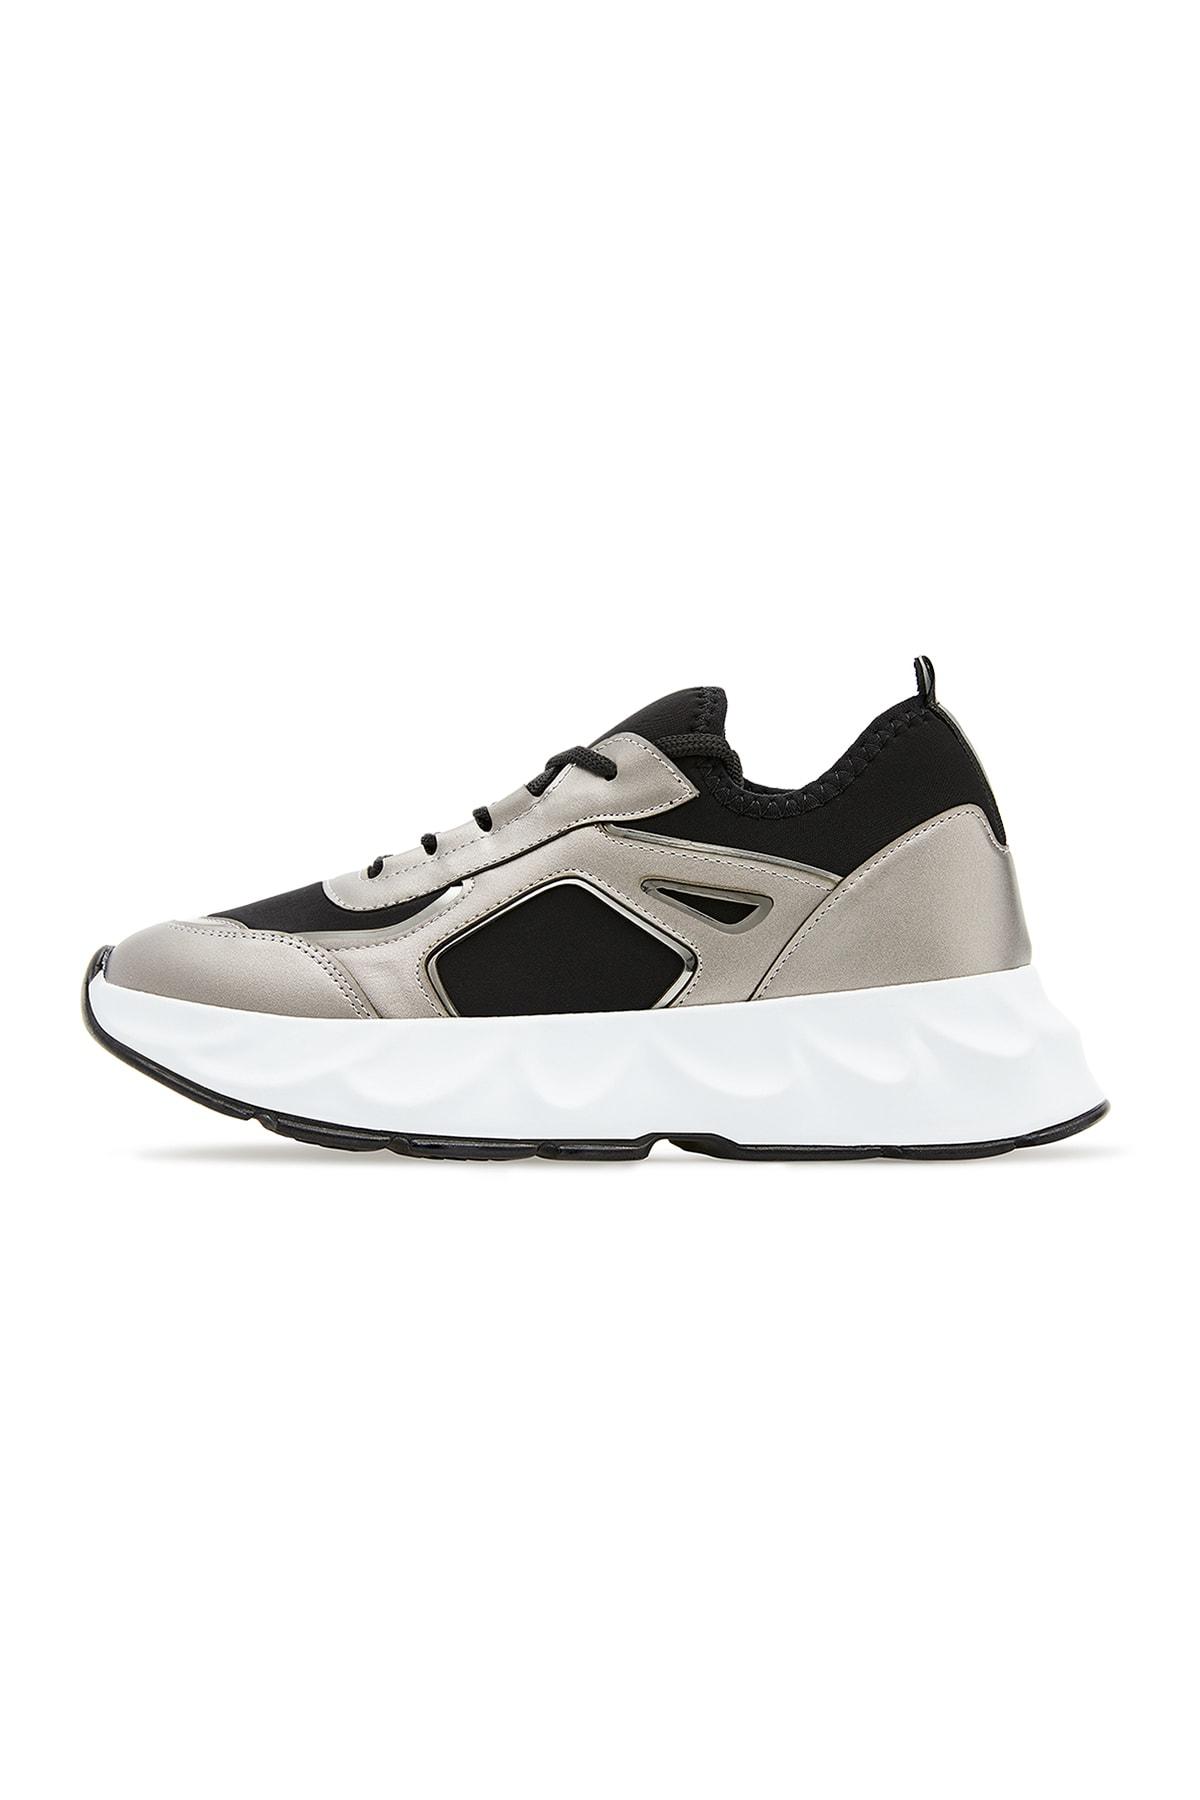 Kadın Spor Ayakkabı 93050